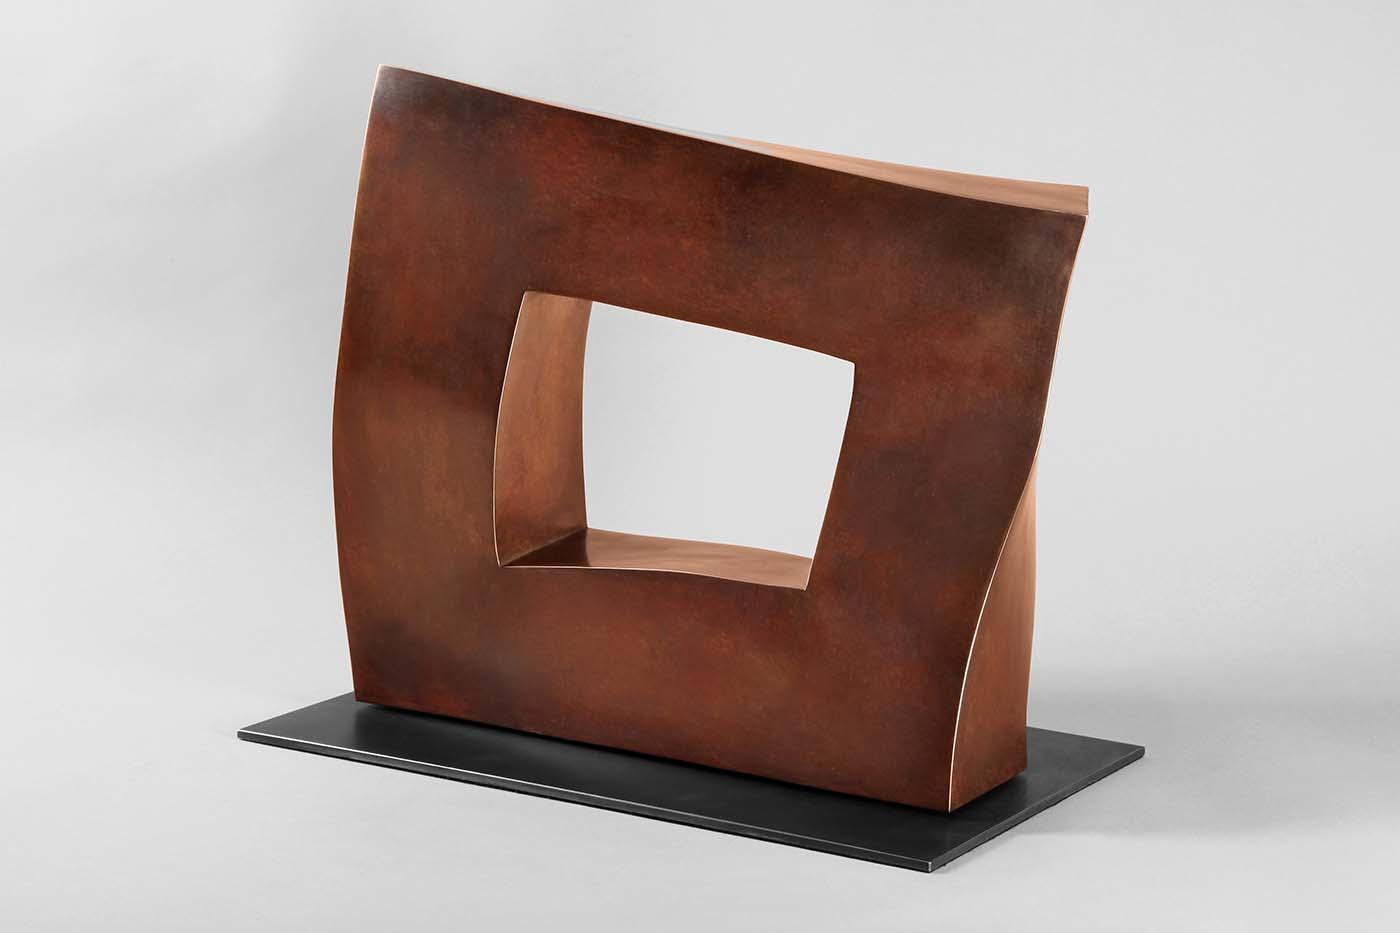 Durchblick (II), 2015, 38 x 40 x 20 cm